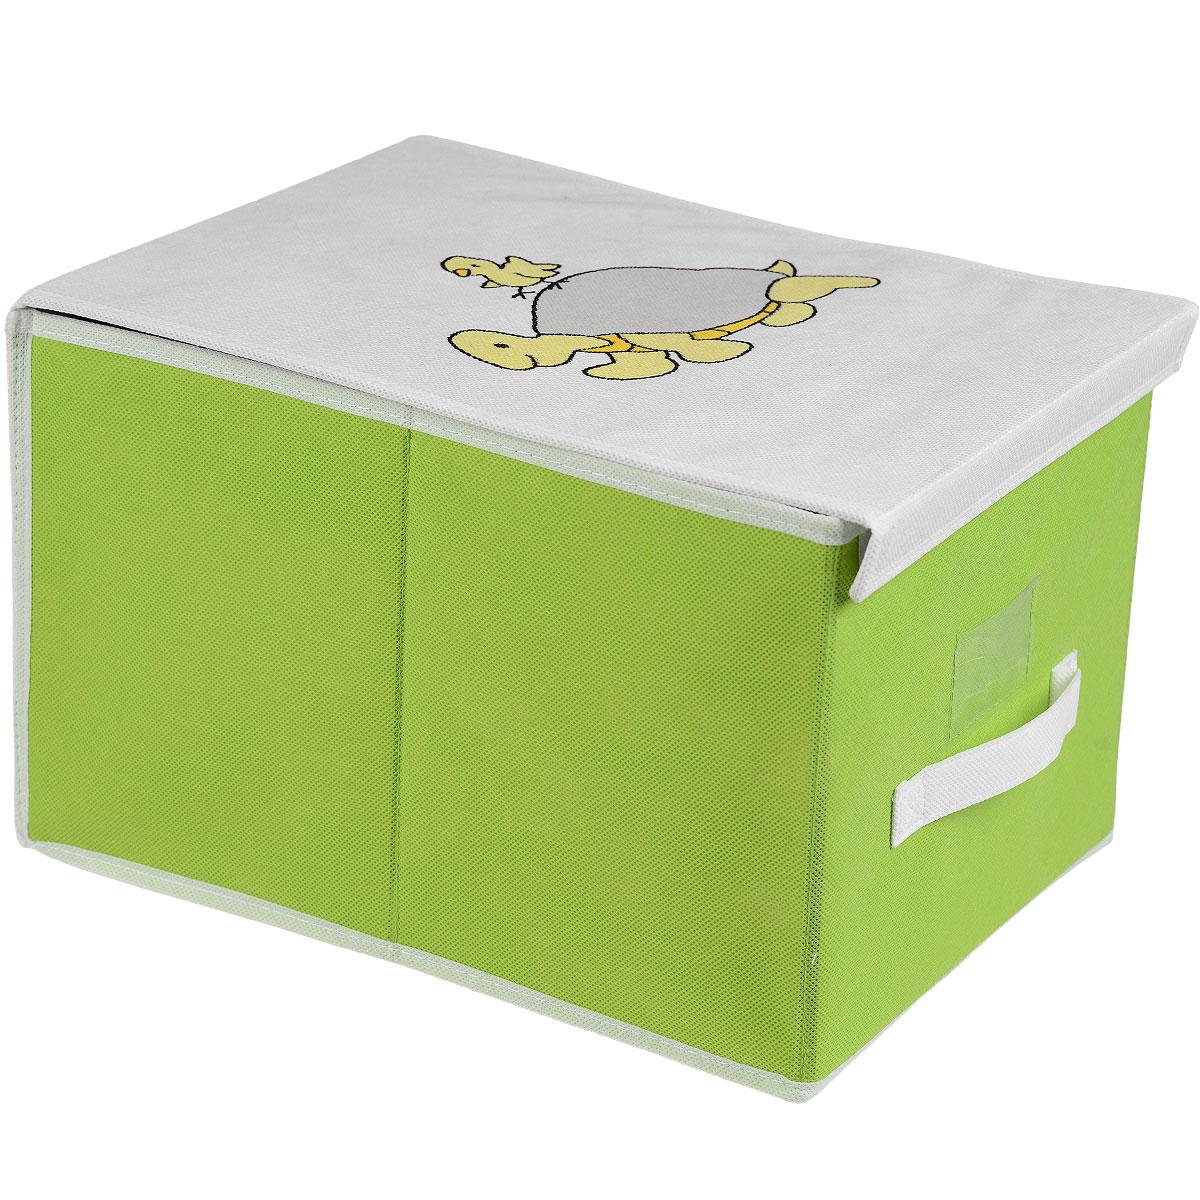 Чехол для хранения Voila Baby, цвет: салатовый, 30 х 40 х 25 смCLP446Чехол Voila Baby выполнен из дышащего нетканого материала (полипропилен), безопасного в использовании. Изделие предназначено для хранения вещей. Он защитит вещи от повреждений, пыли, влаги и загрязнений во время хранения и транспортировки. Чехол идеально подходит для хранения детских вещей и игрушек. Жесткий каркас из плотного толстого картона, обеспечивает устойчивость конструкции. Изделие оформлено красочным изображением. Закрывается на липучки.